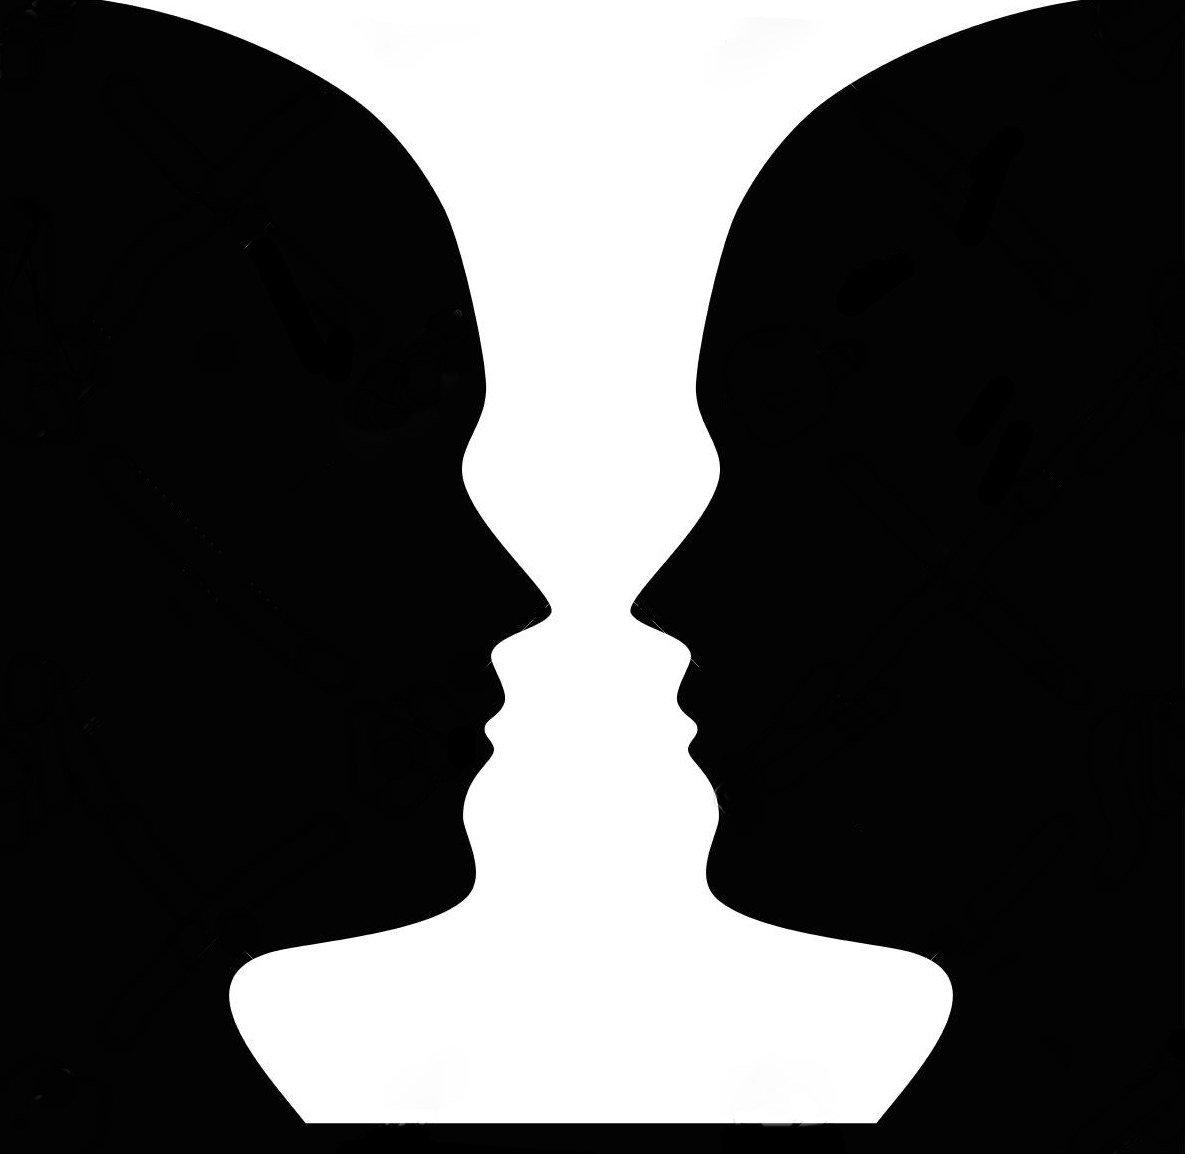 104926913-figure-ground-perception-face-